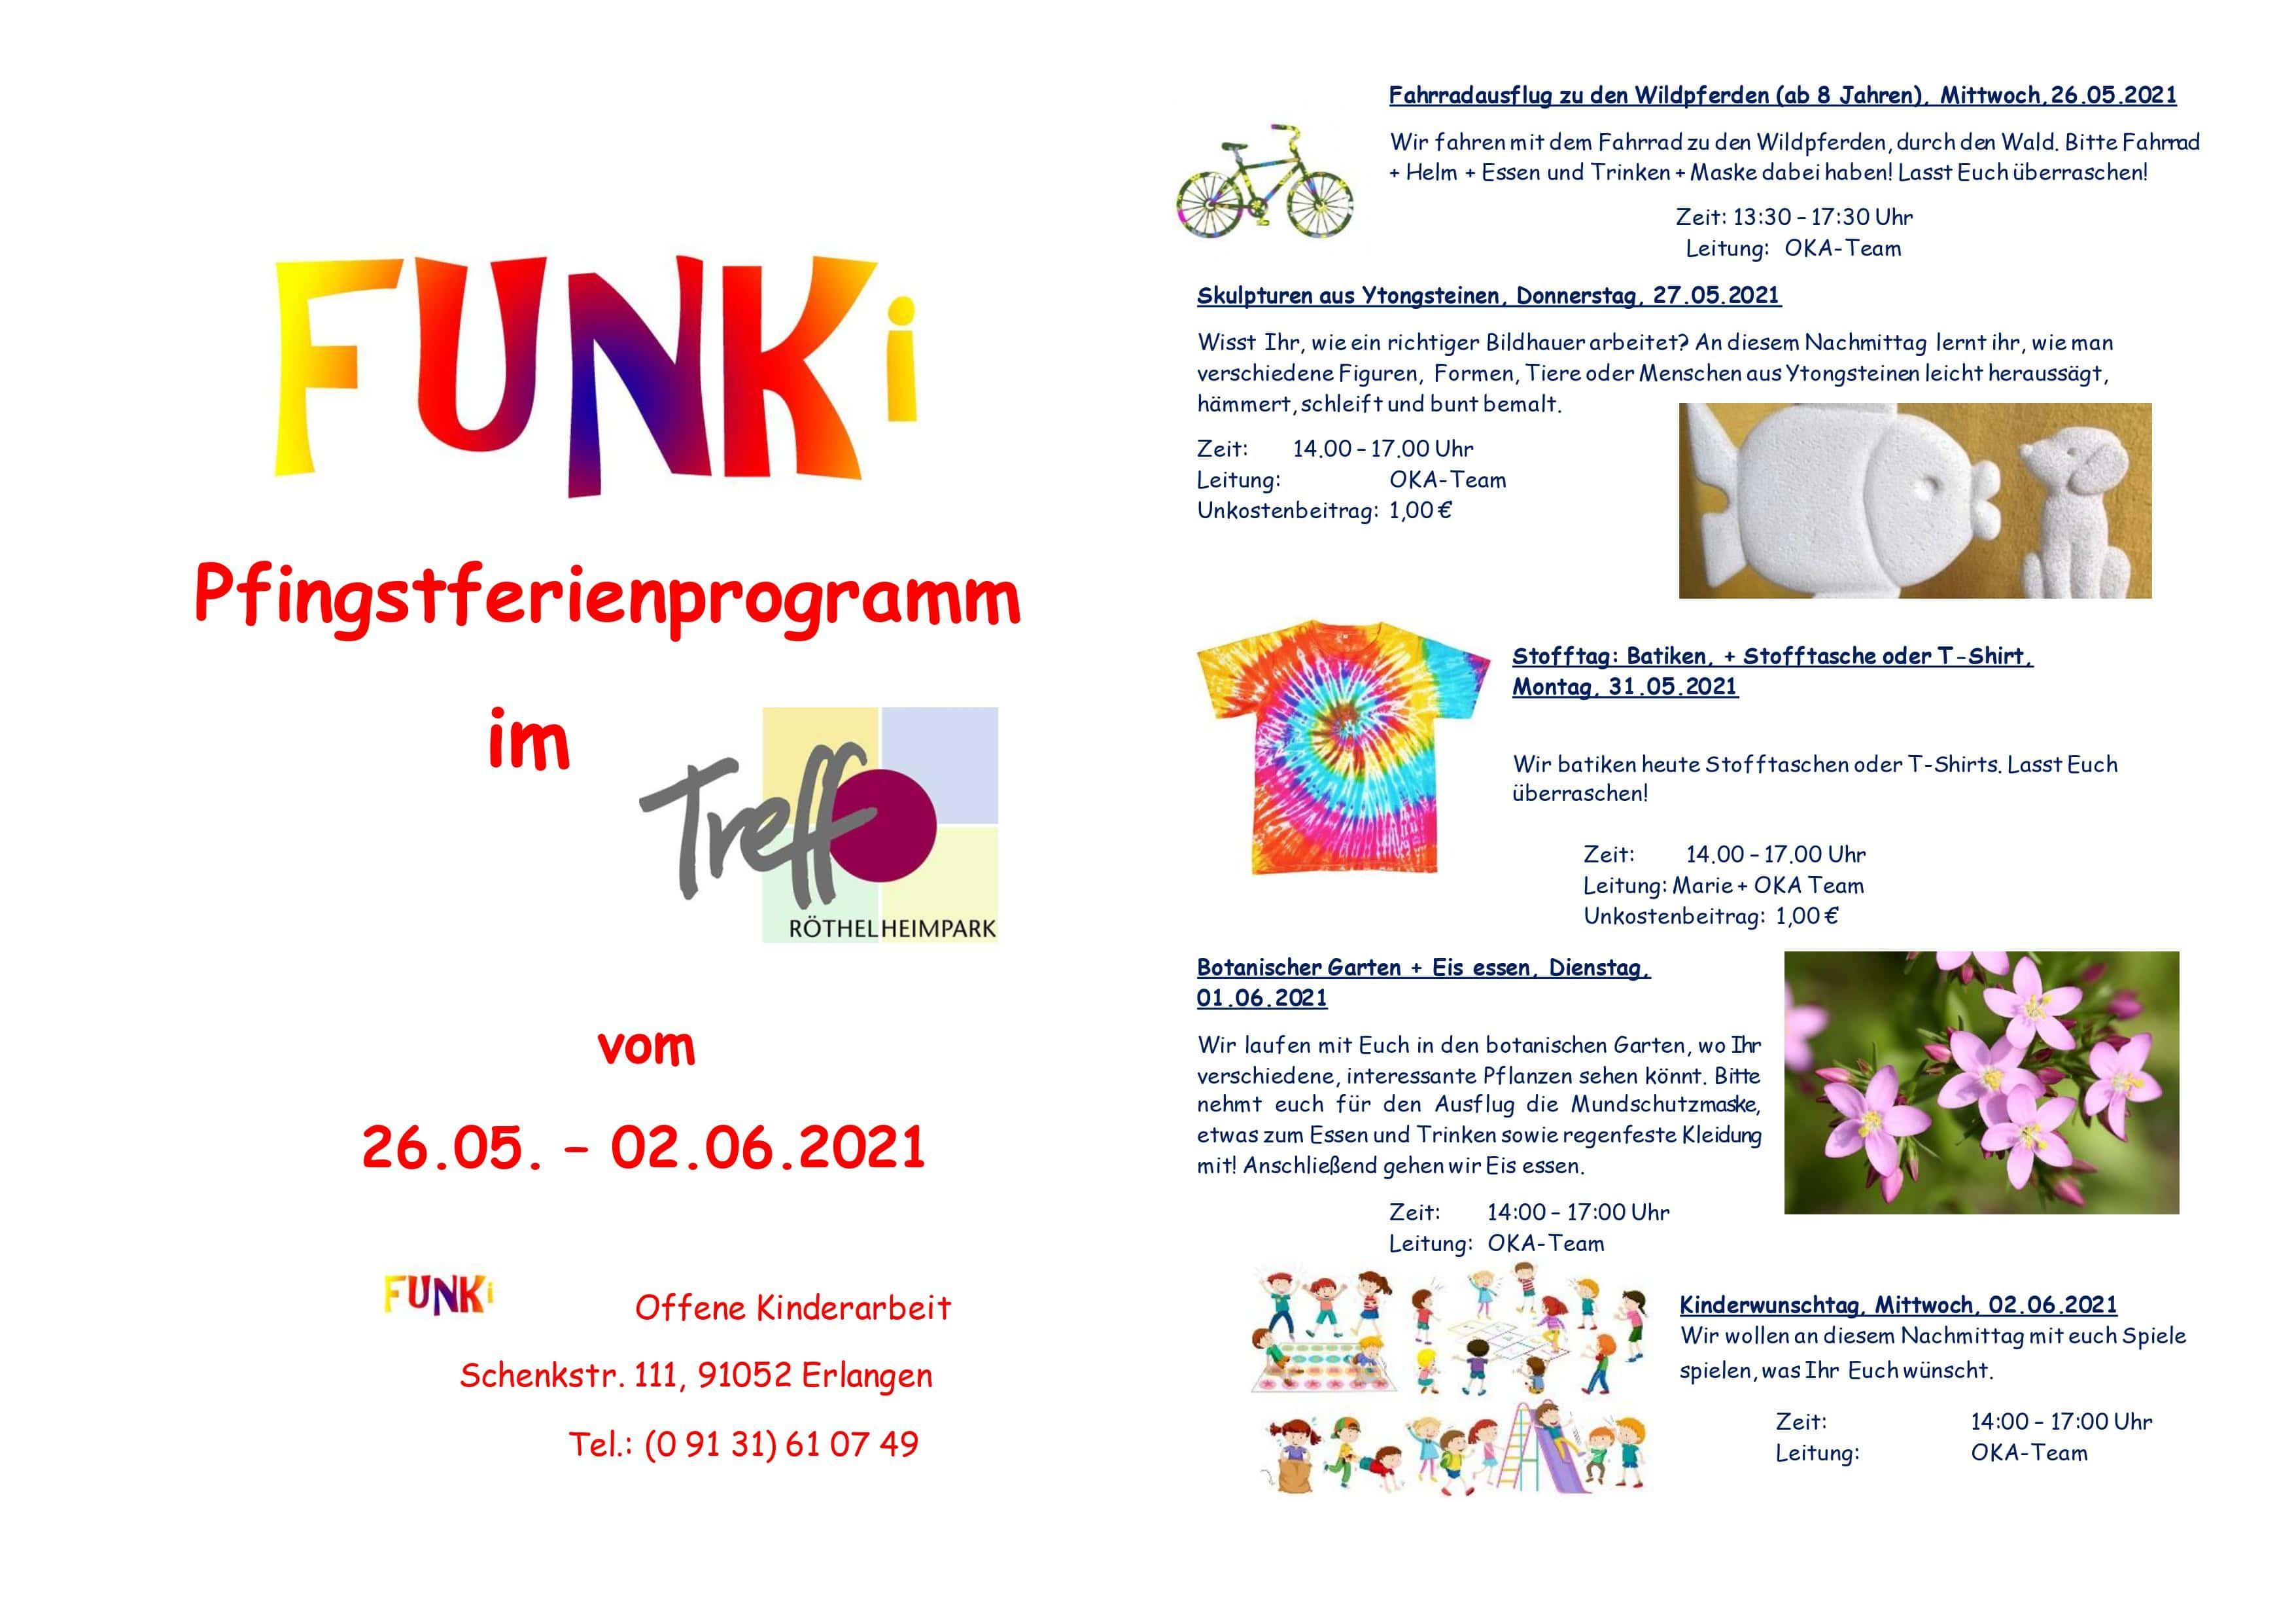 Übersicht Pfingstferienprogramm vom 26.05. bis 02.06.2021